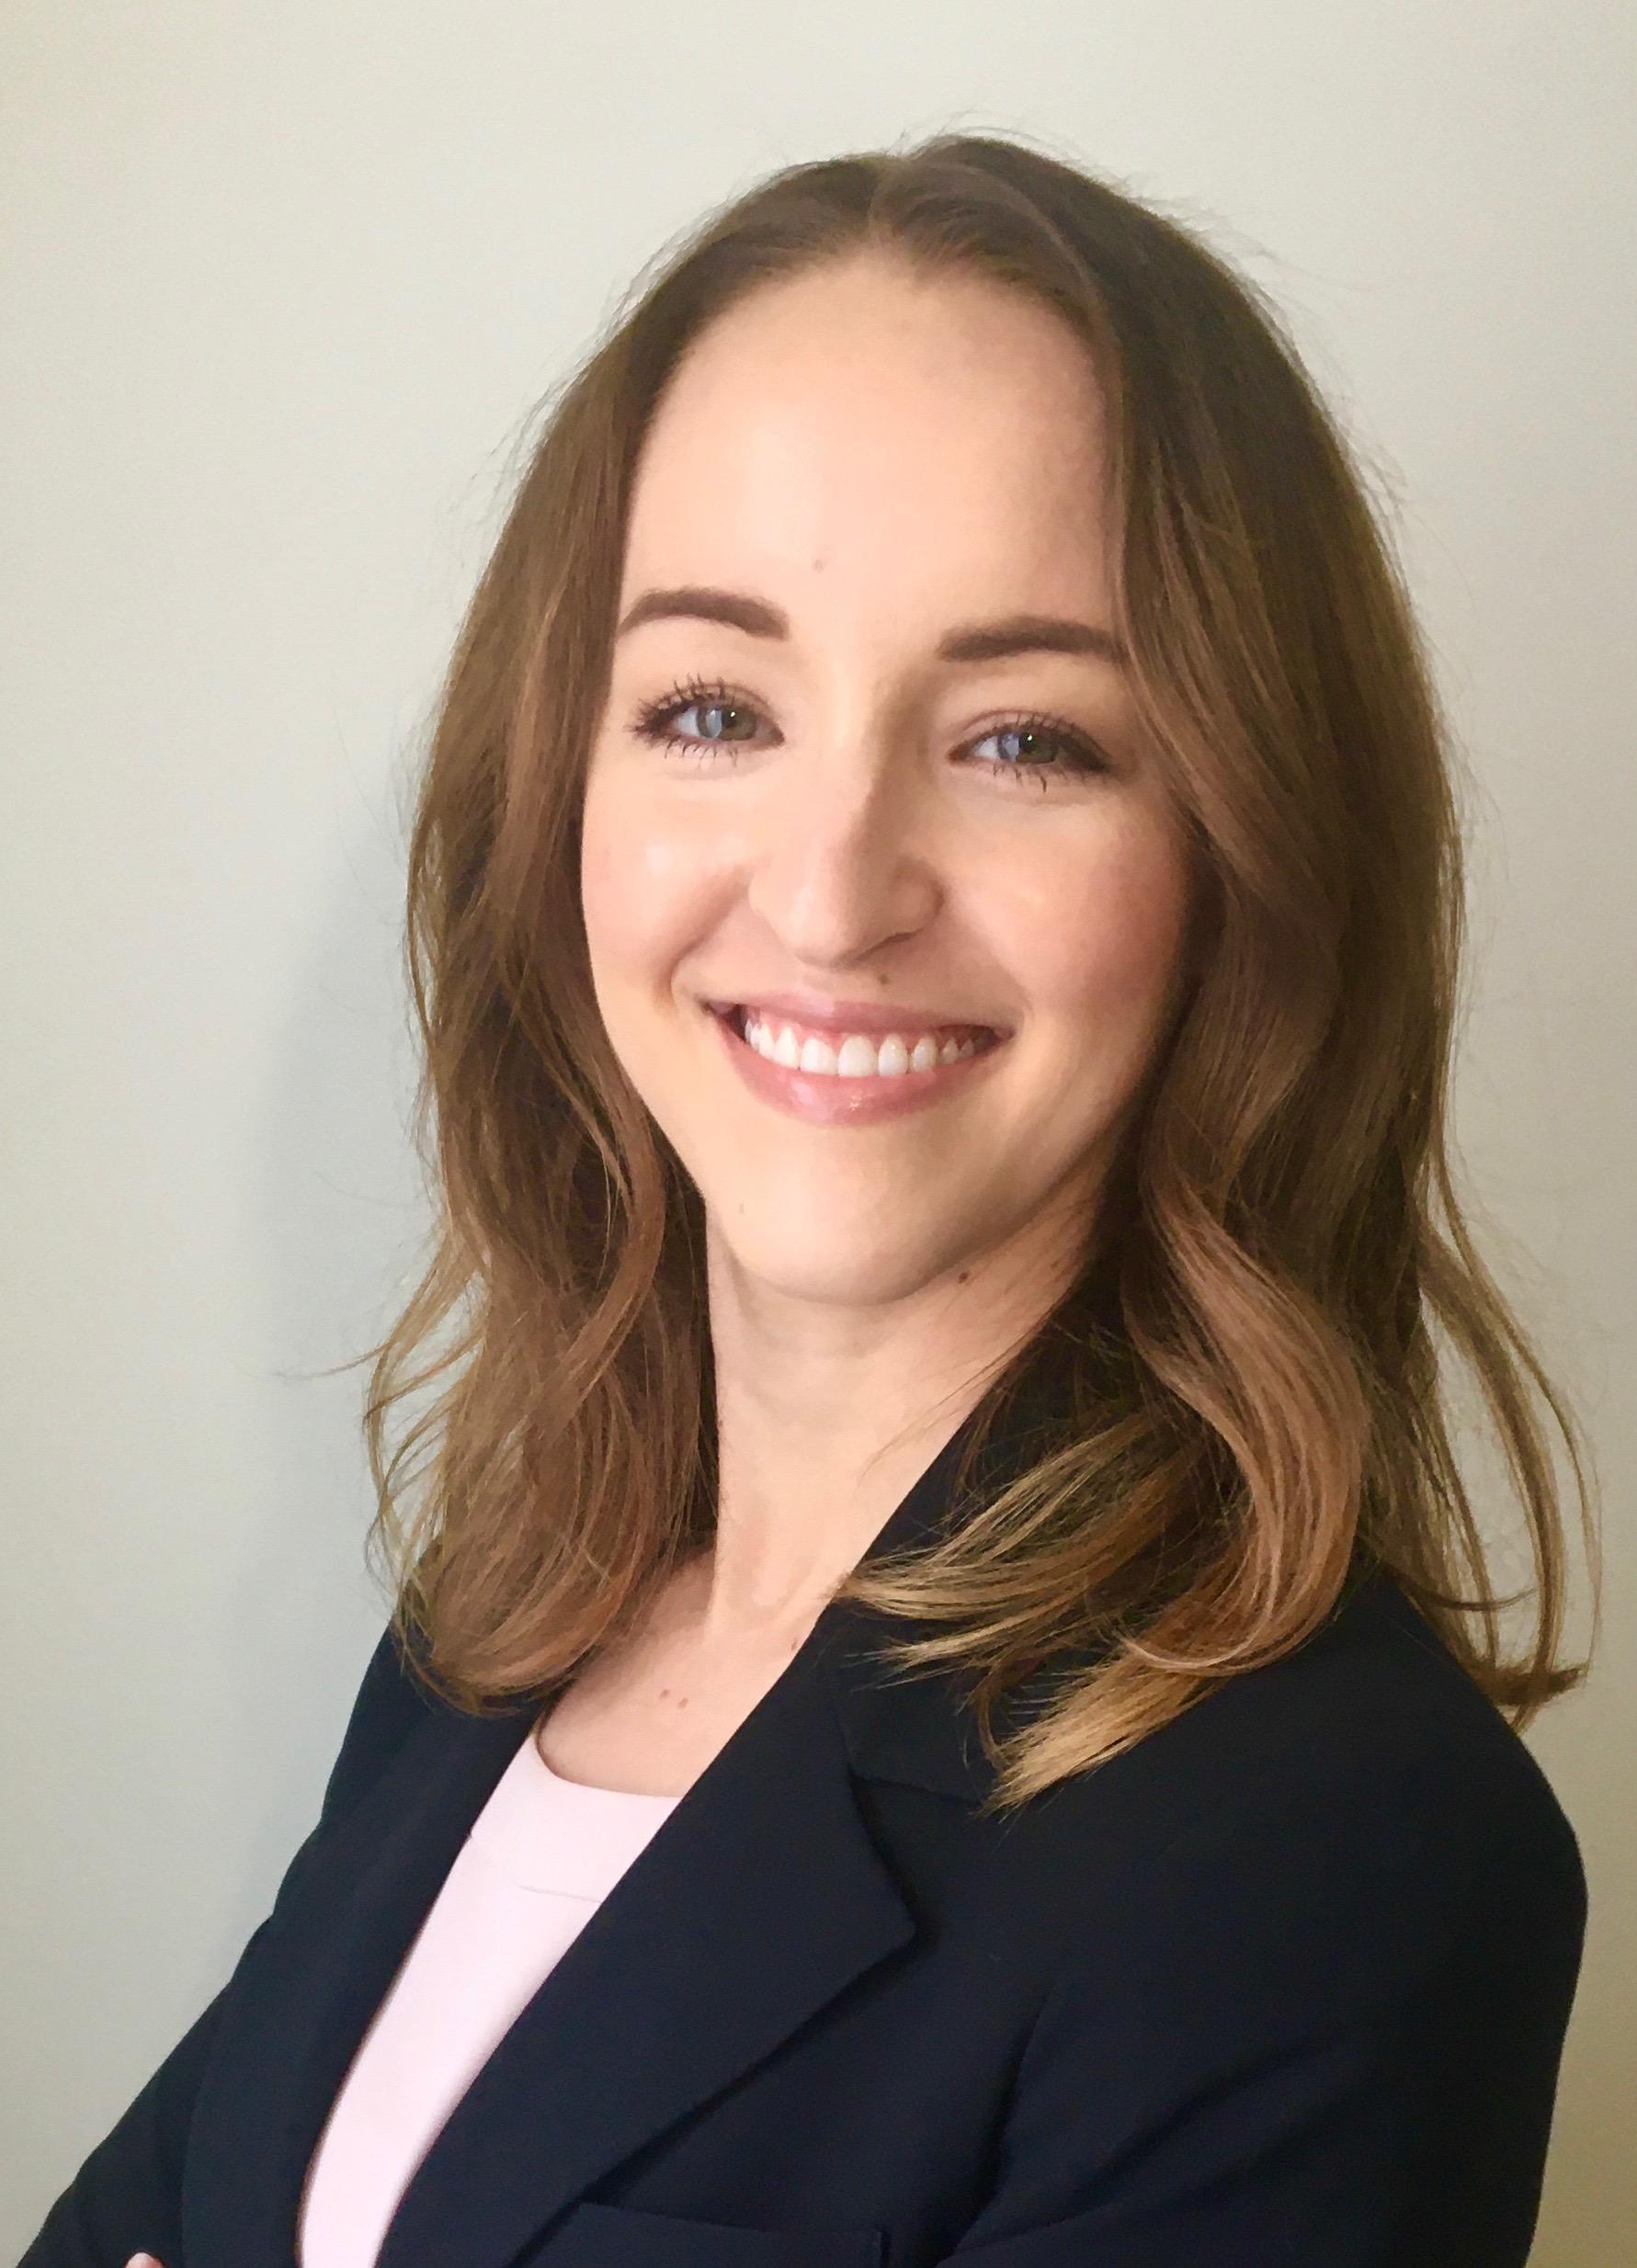 Rachel Petro